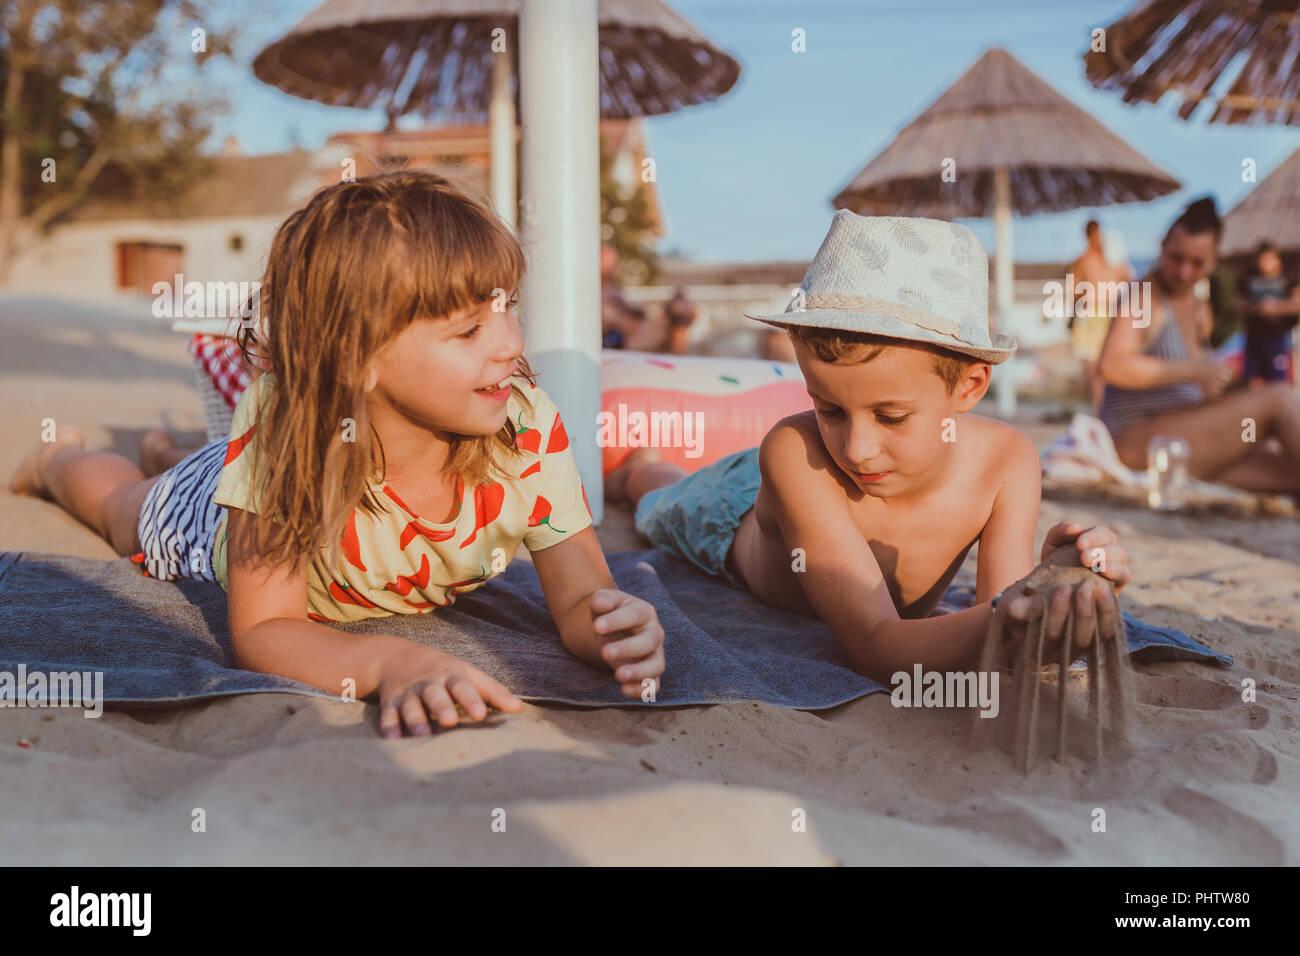 Felici i bambini positivi giacciono sul tovagliolo sulla spiaggia e giocare con sabbia Immagini Stock